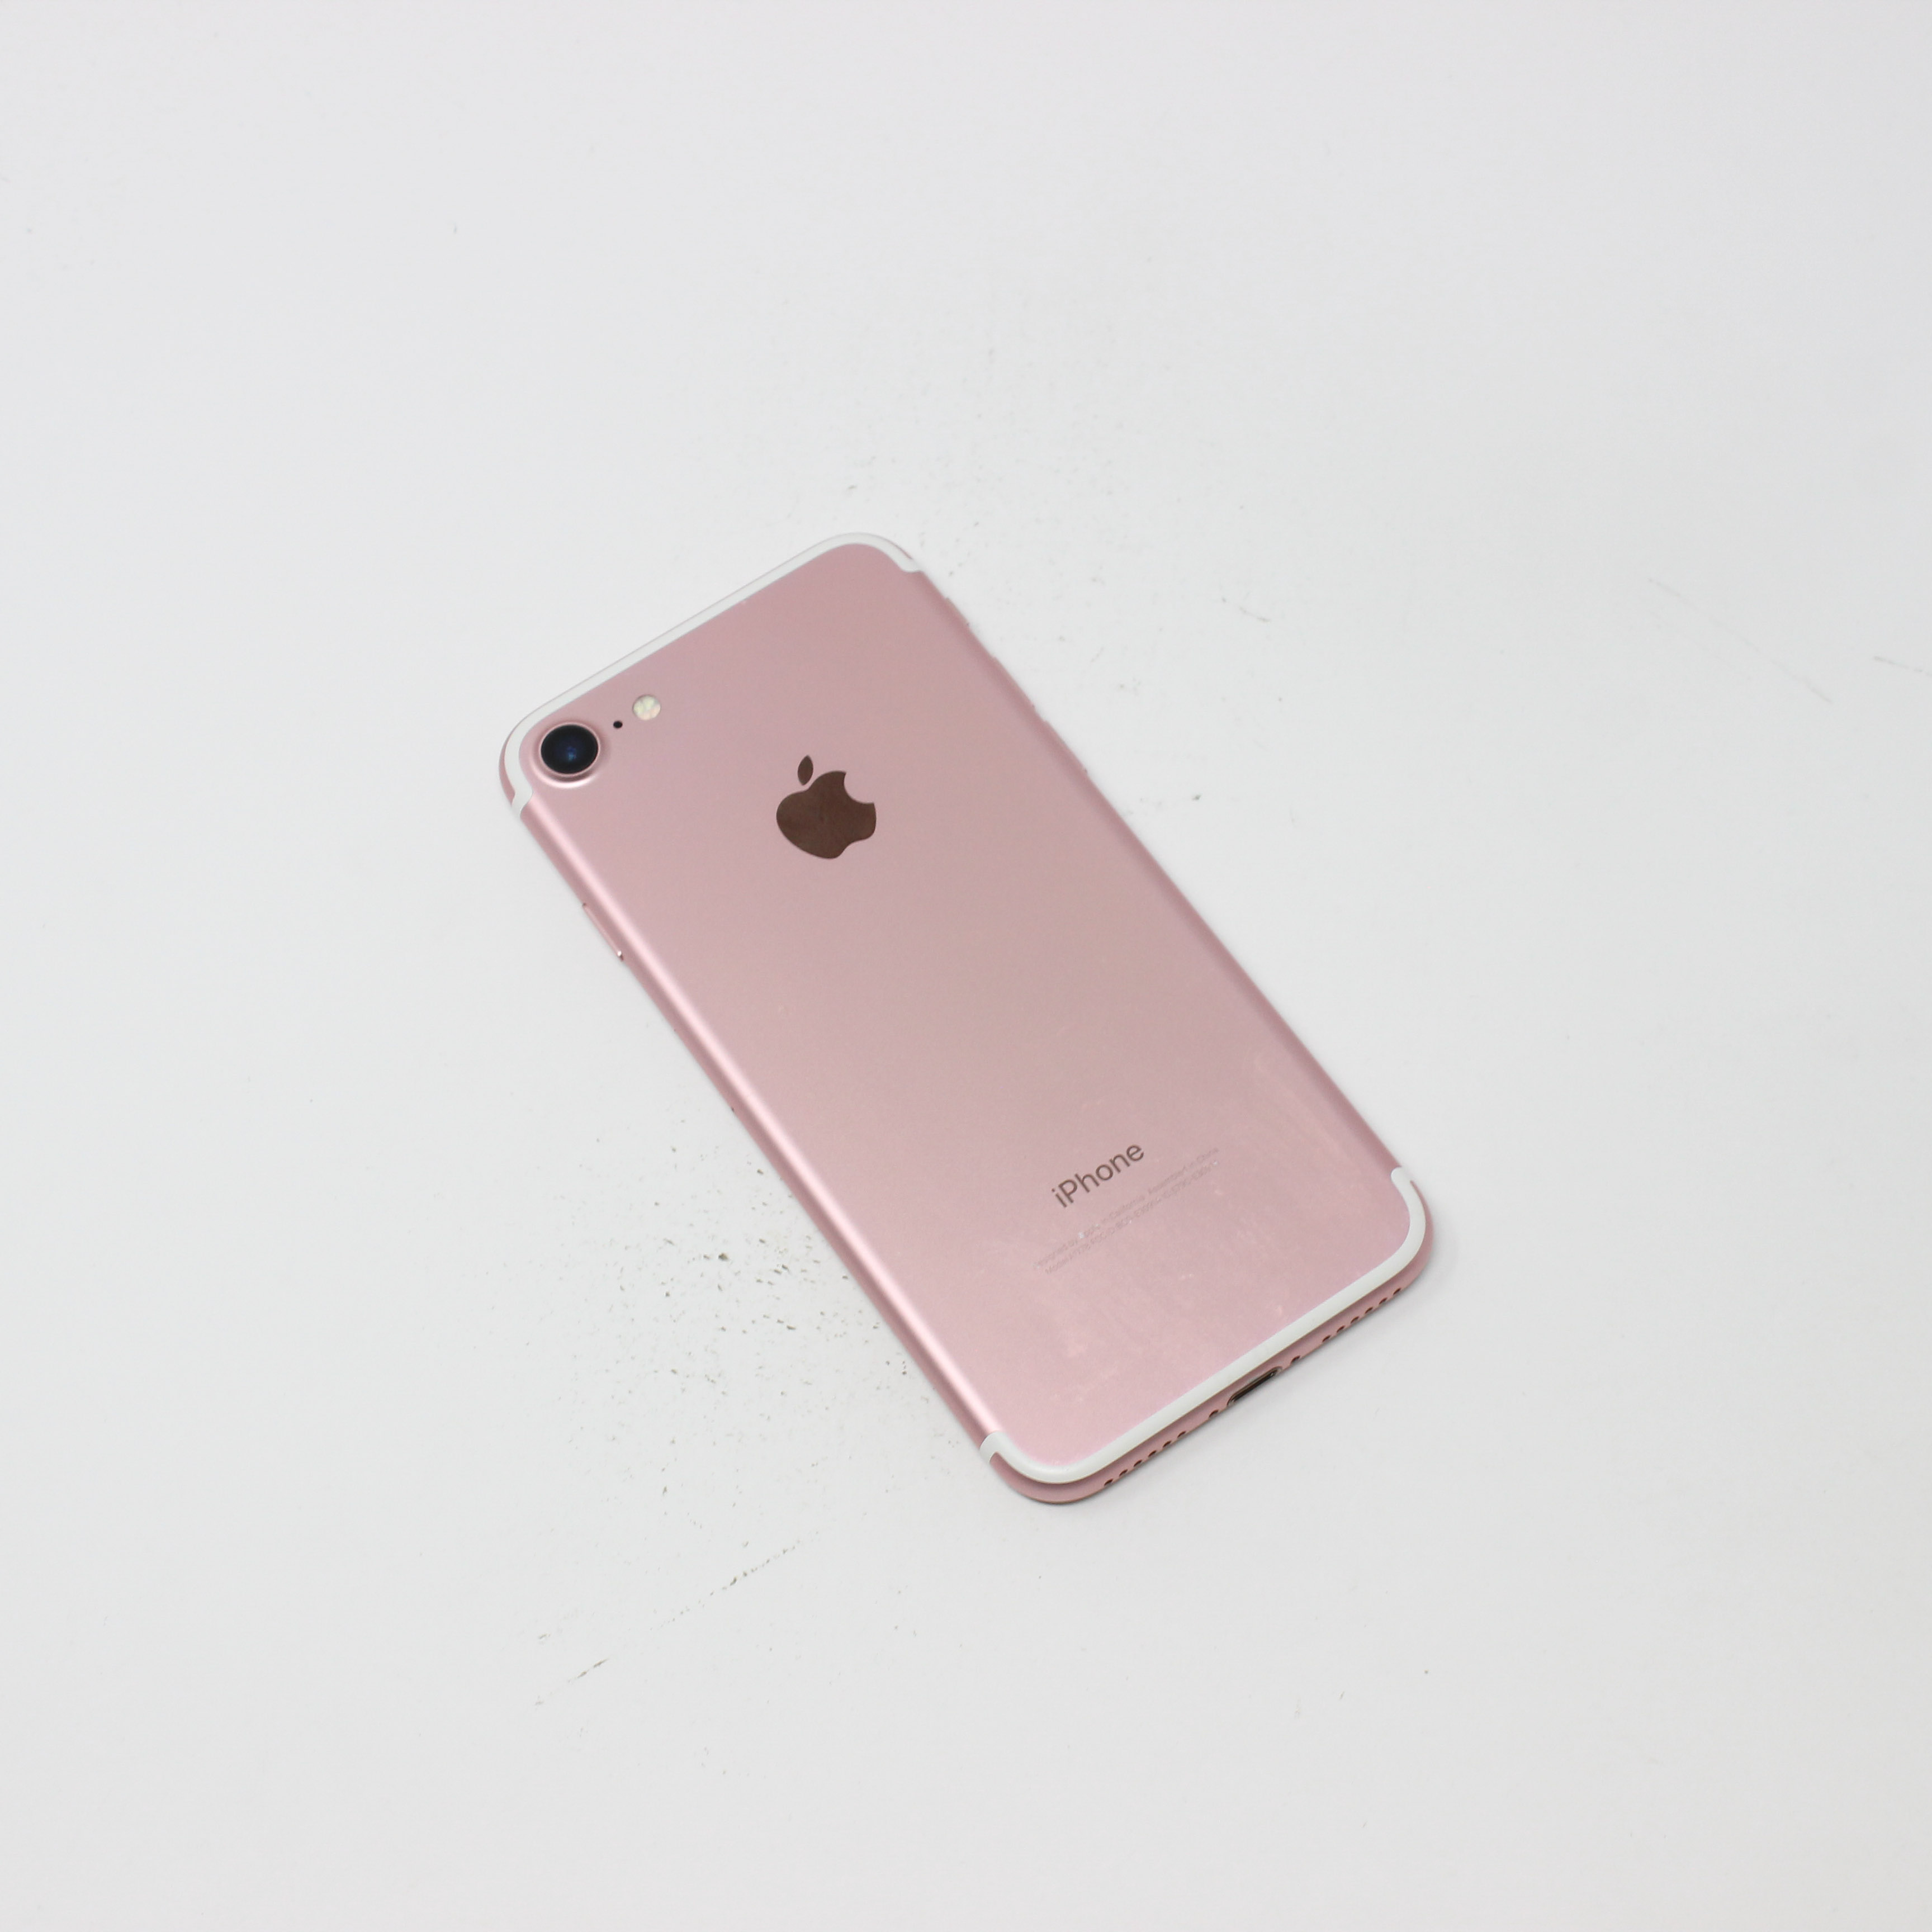 iPhone 7 128GB Rose Gold - AT&T photo 3 | UpTradeit.com